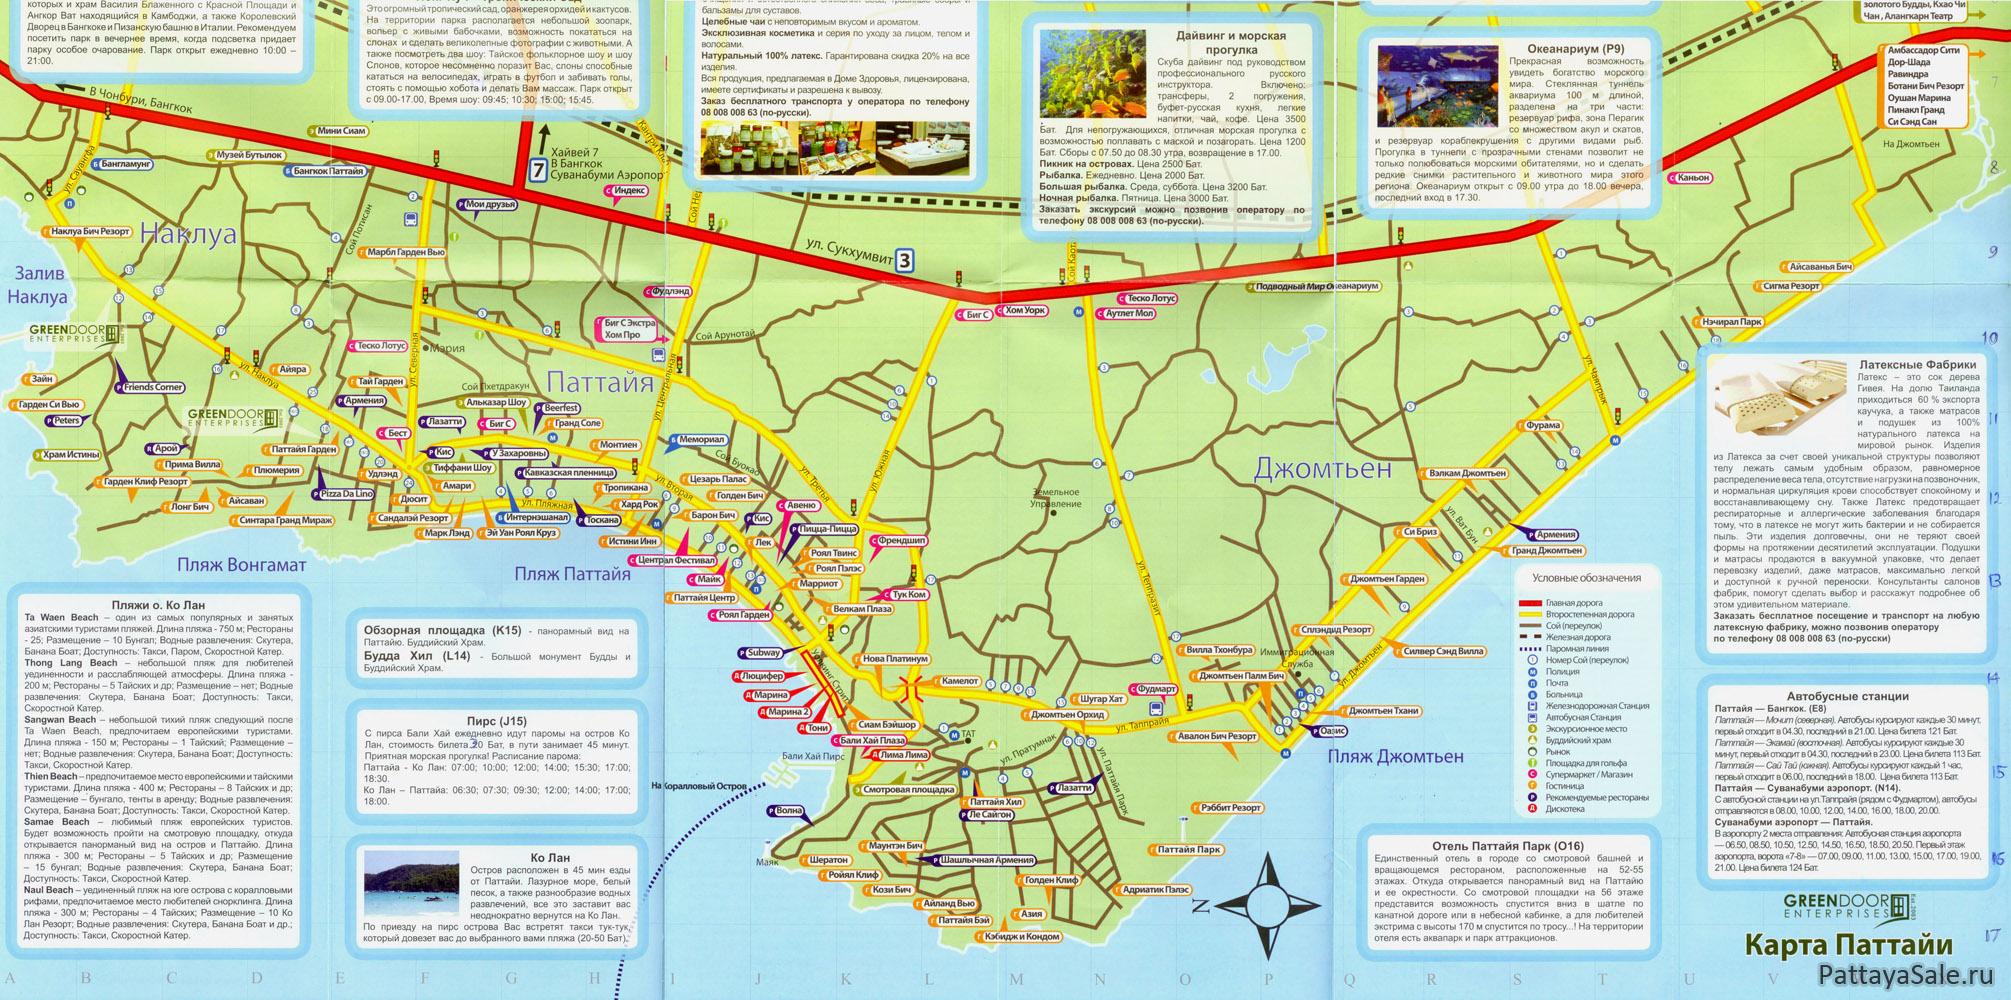 Карта Паттайи №5